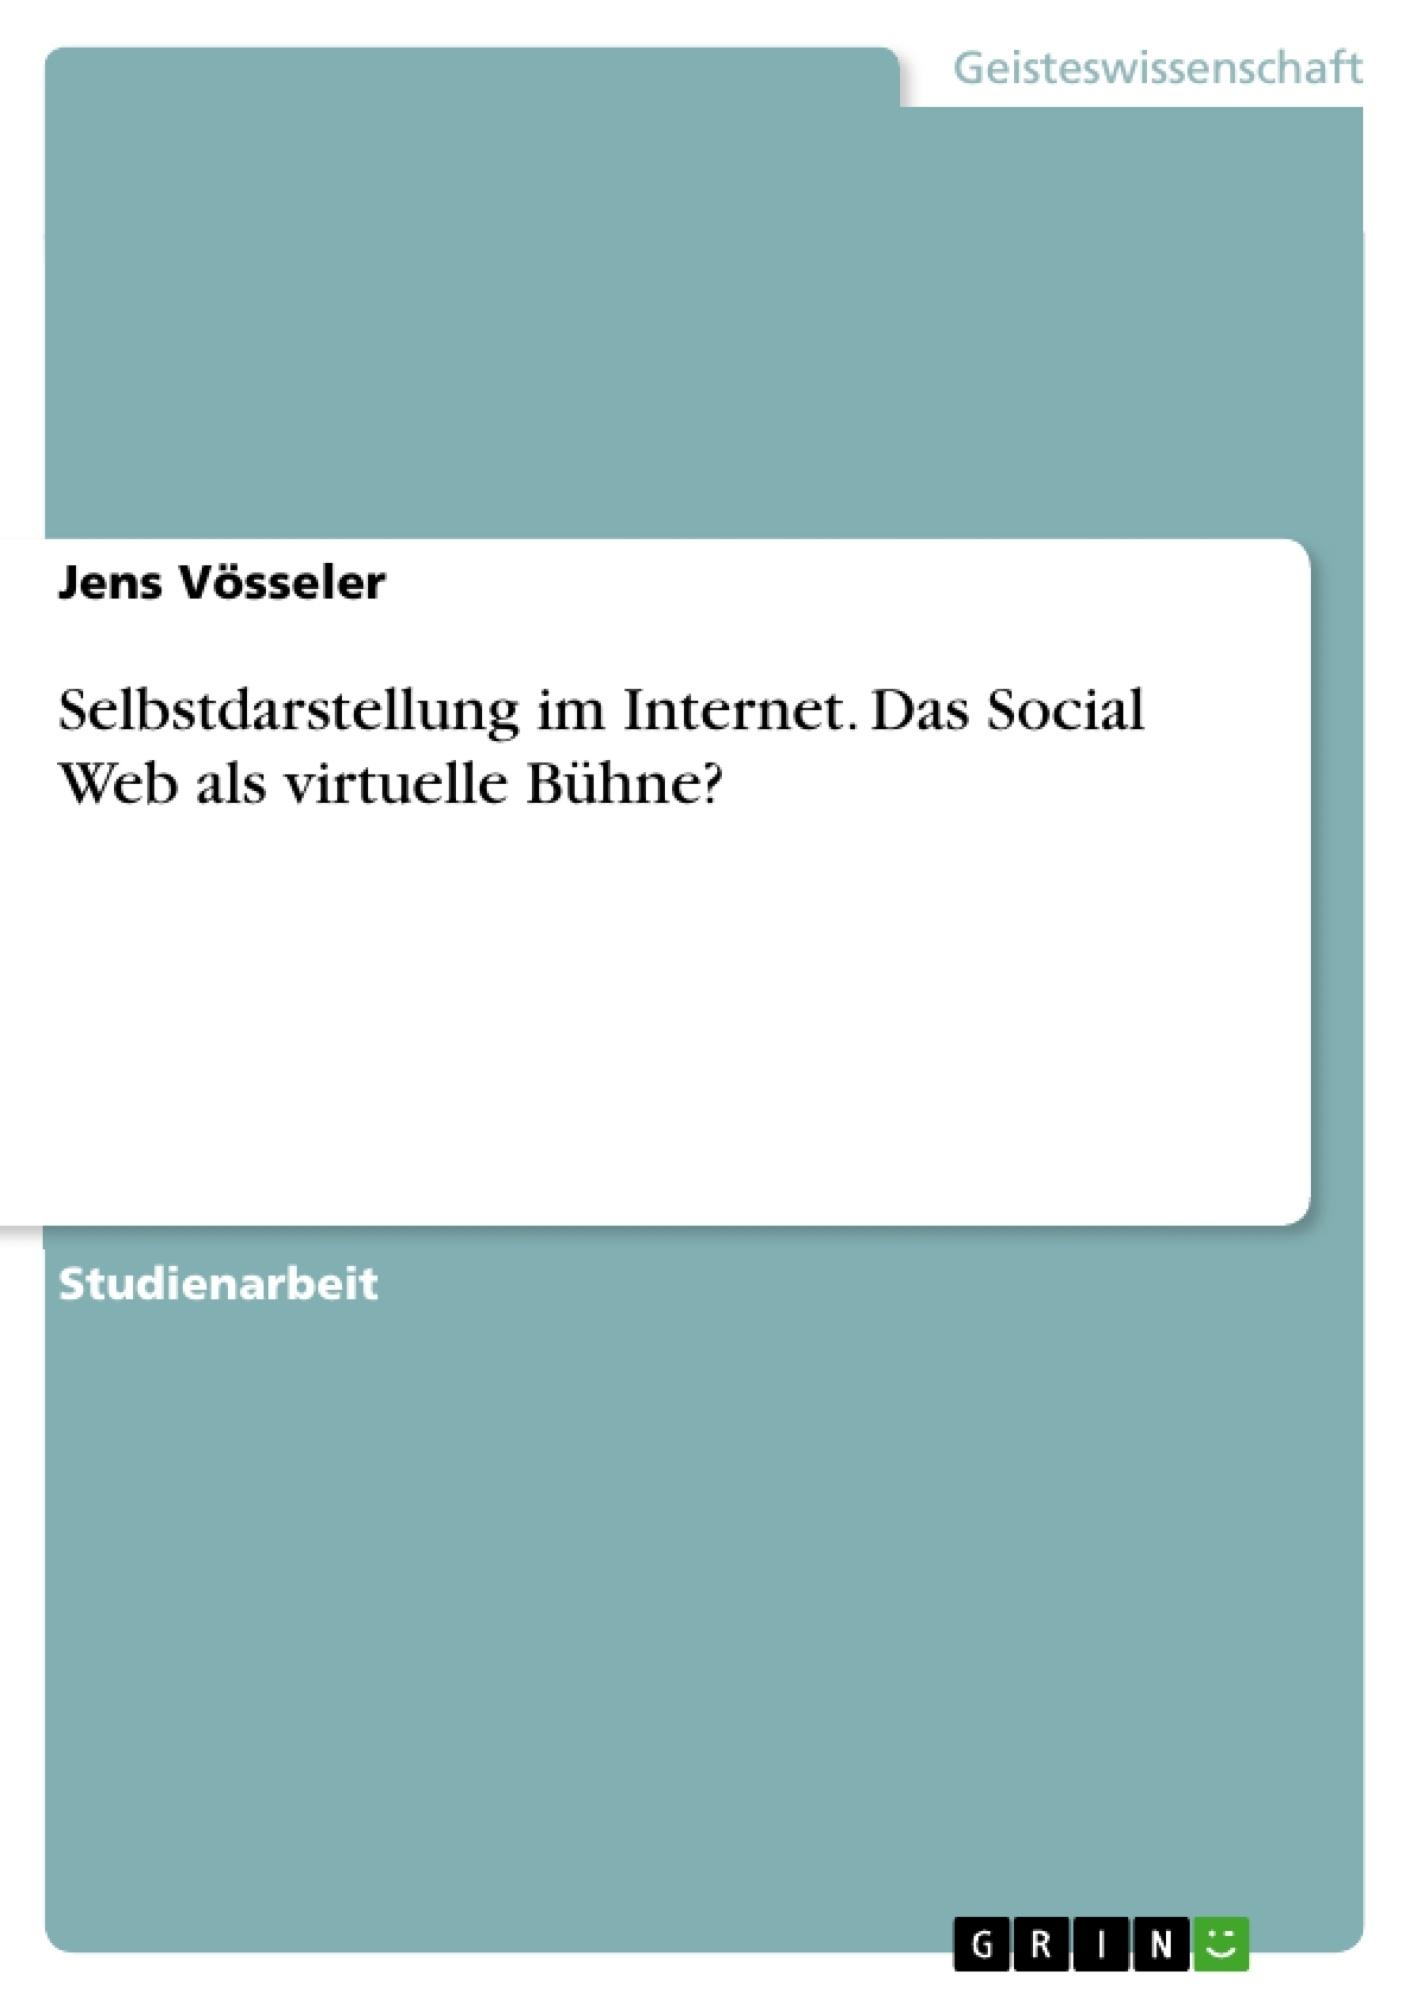 Titel: Selbstdarstellung im Internet. Das Social Web als virtuelle Bühne?